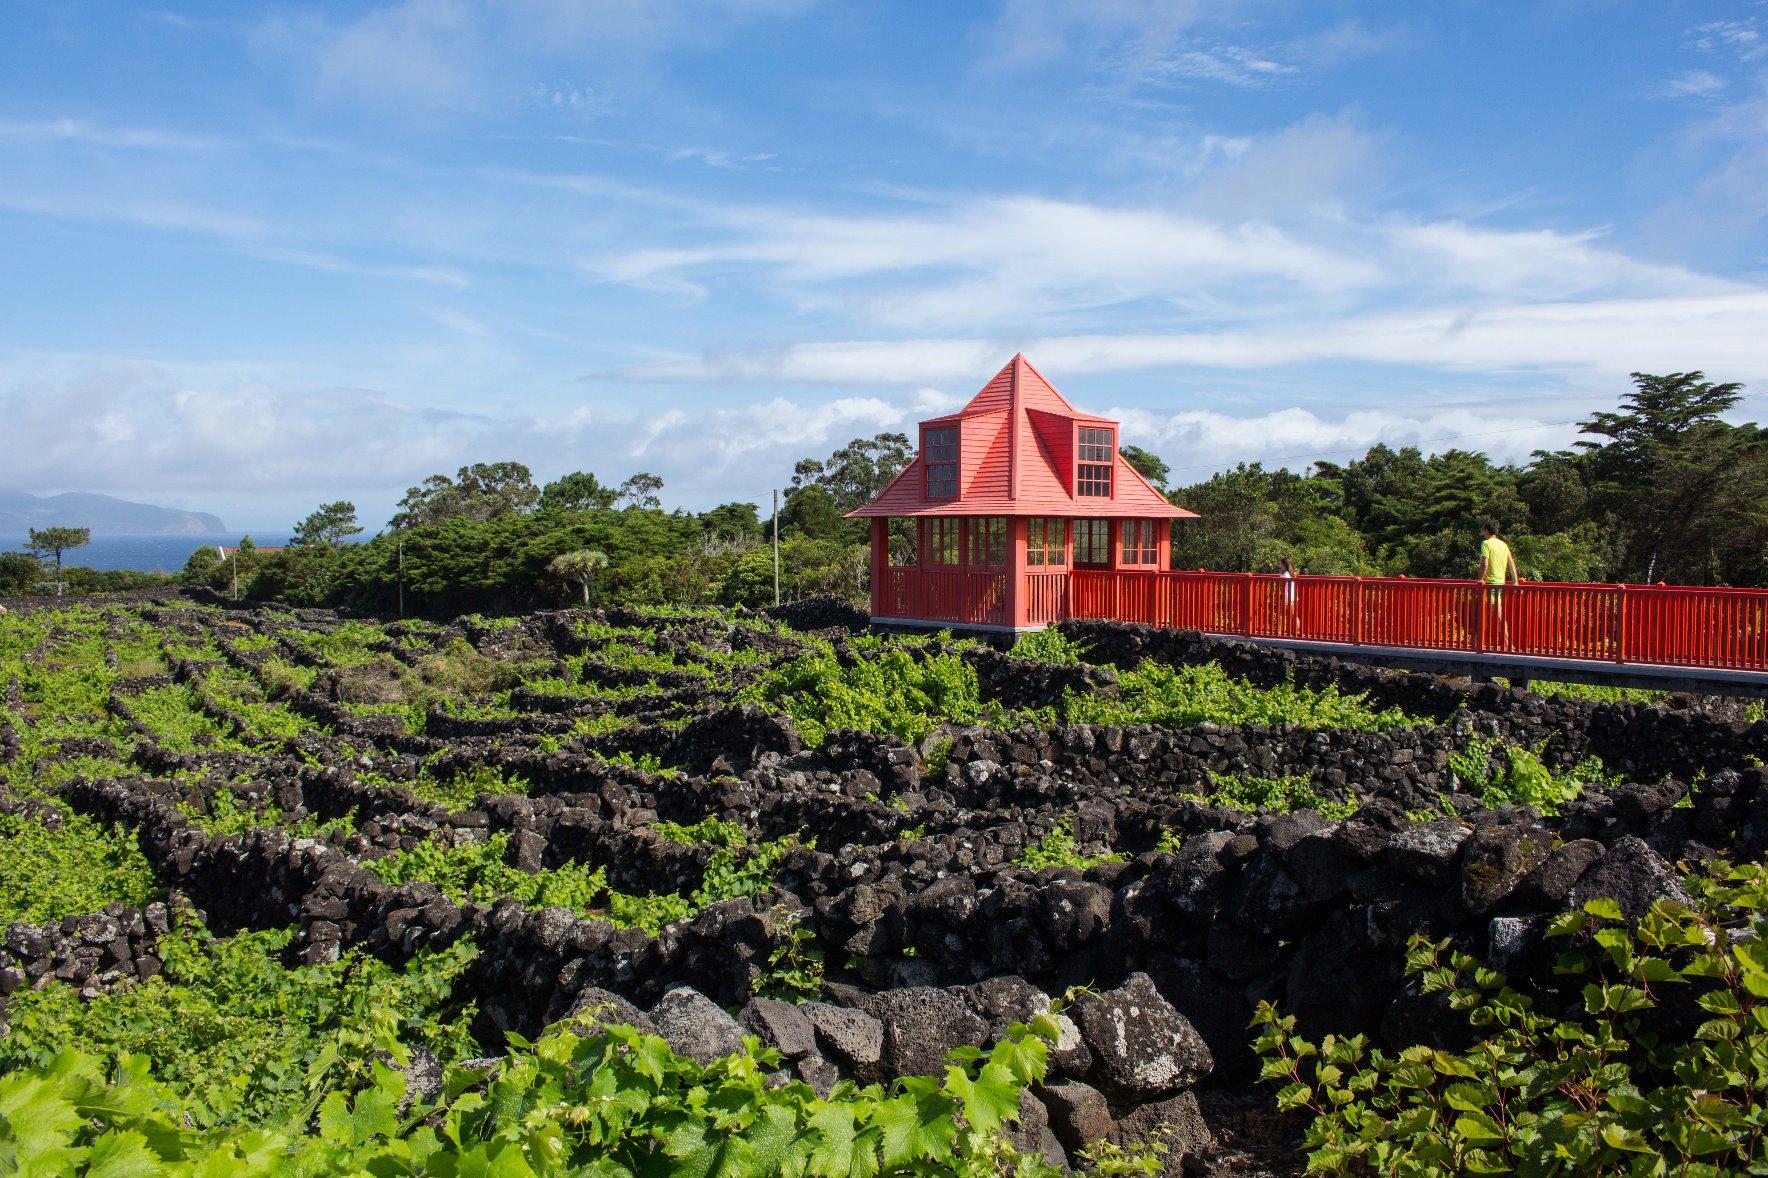 ピコ山麓の溶岩を利用した世界遺産の伝統的なブドウ園の石垣(5日目)